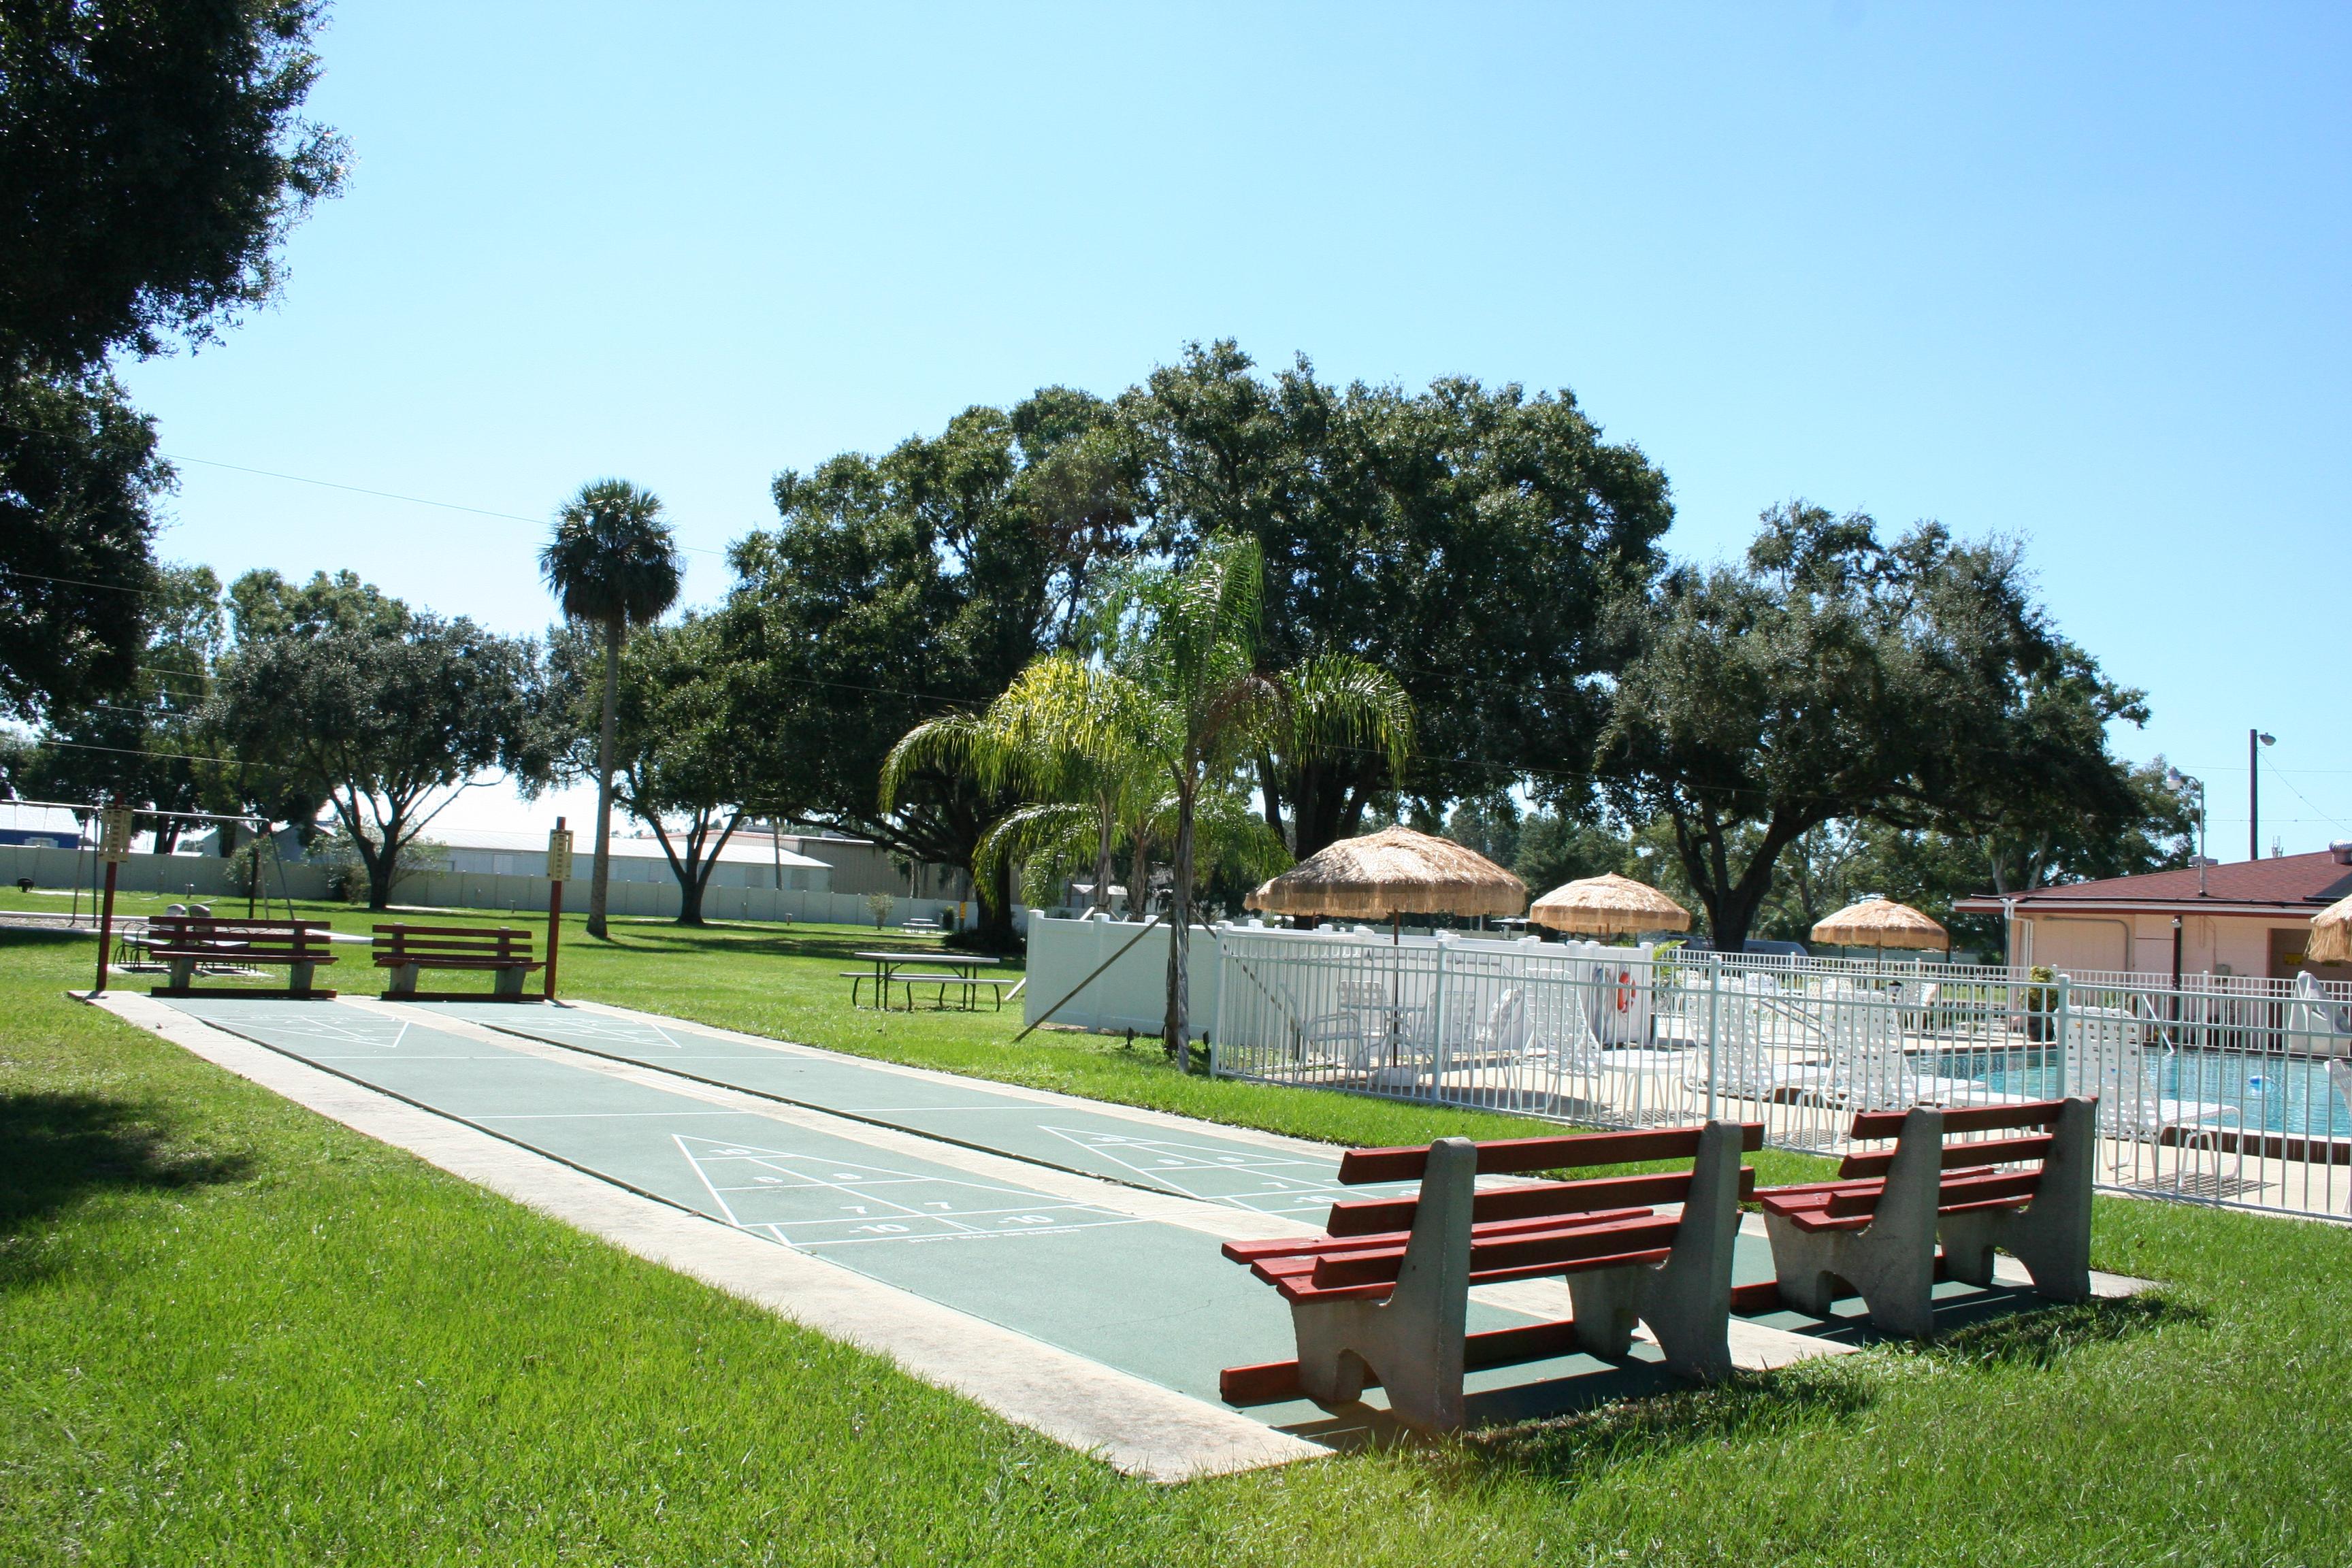 Shuffleboard courts.